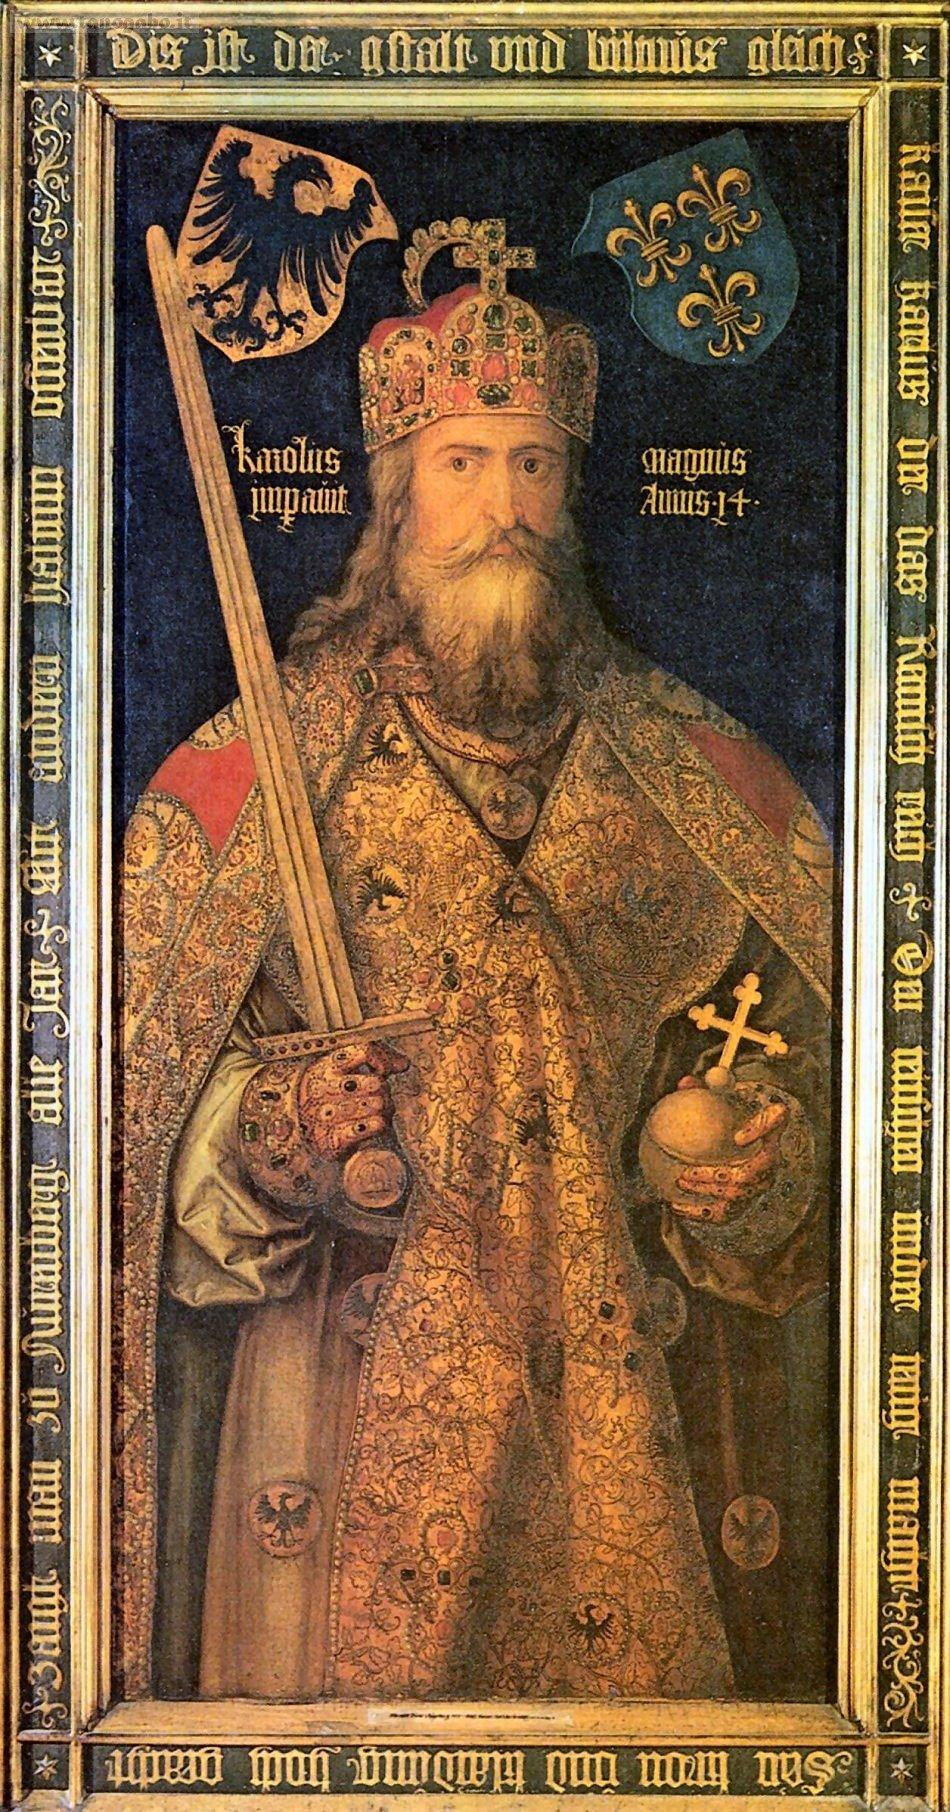 L'imperatore Carlomagno in un ritratto postumo